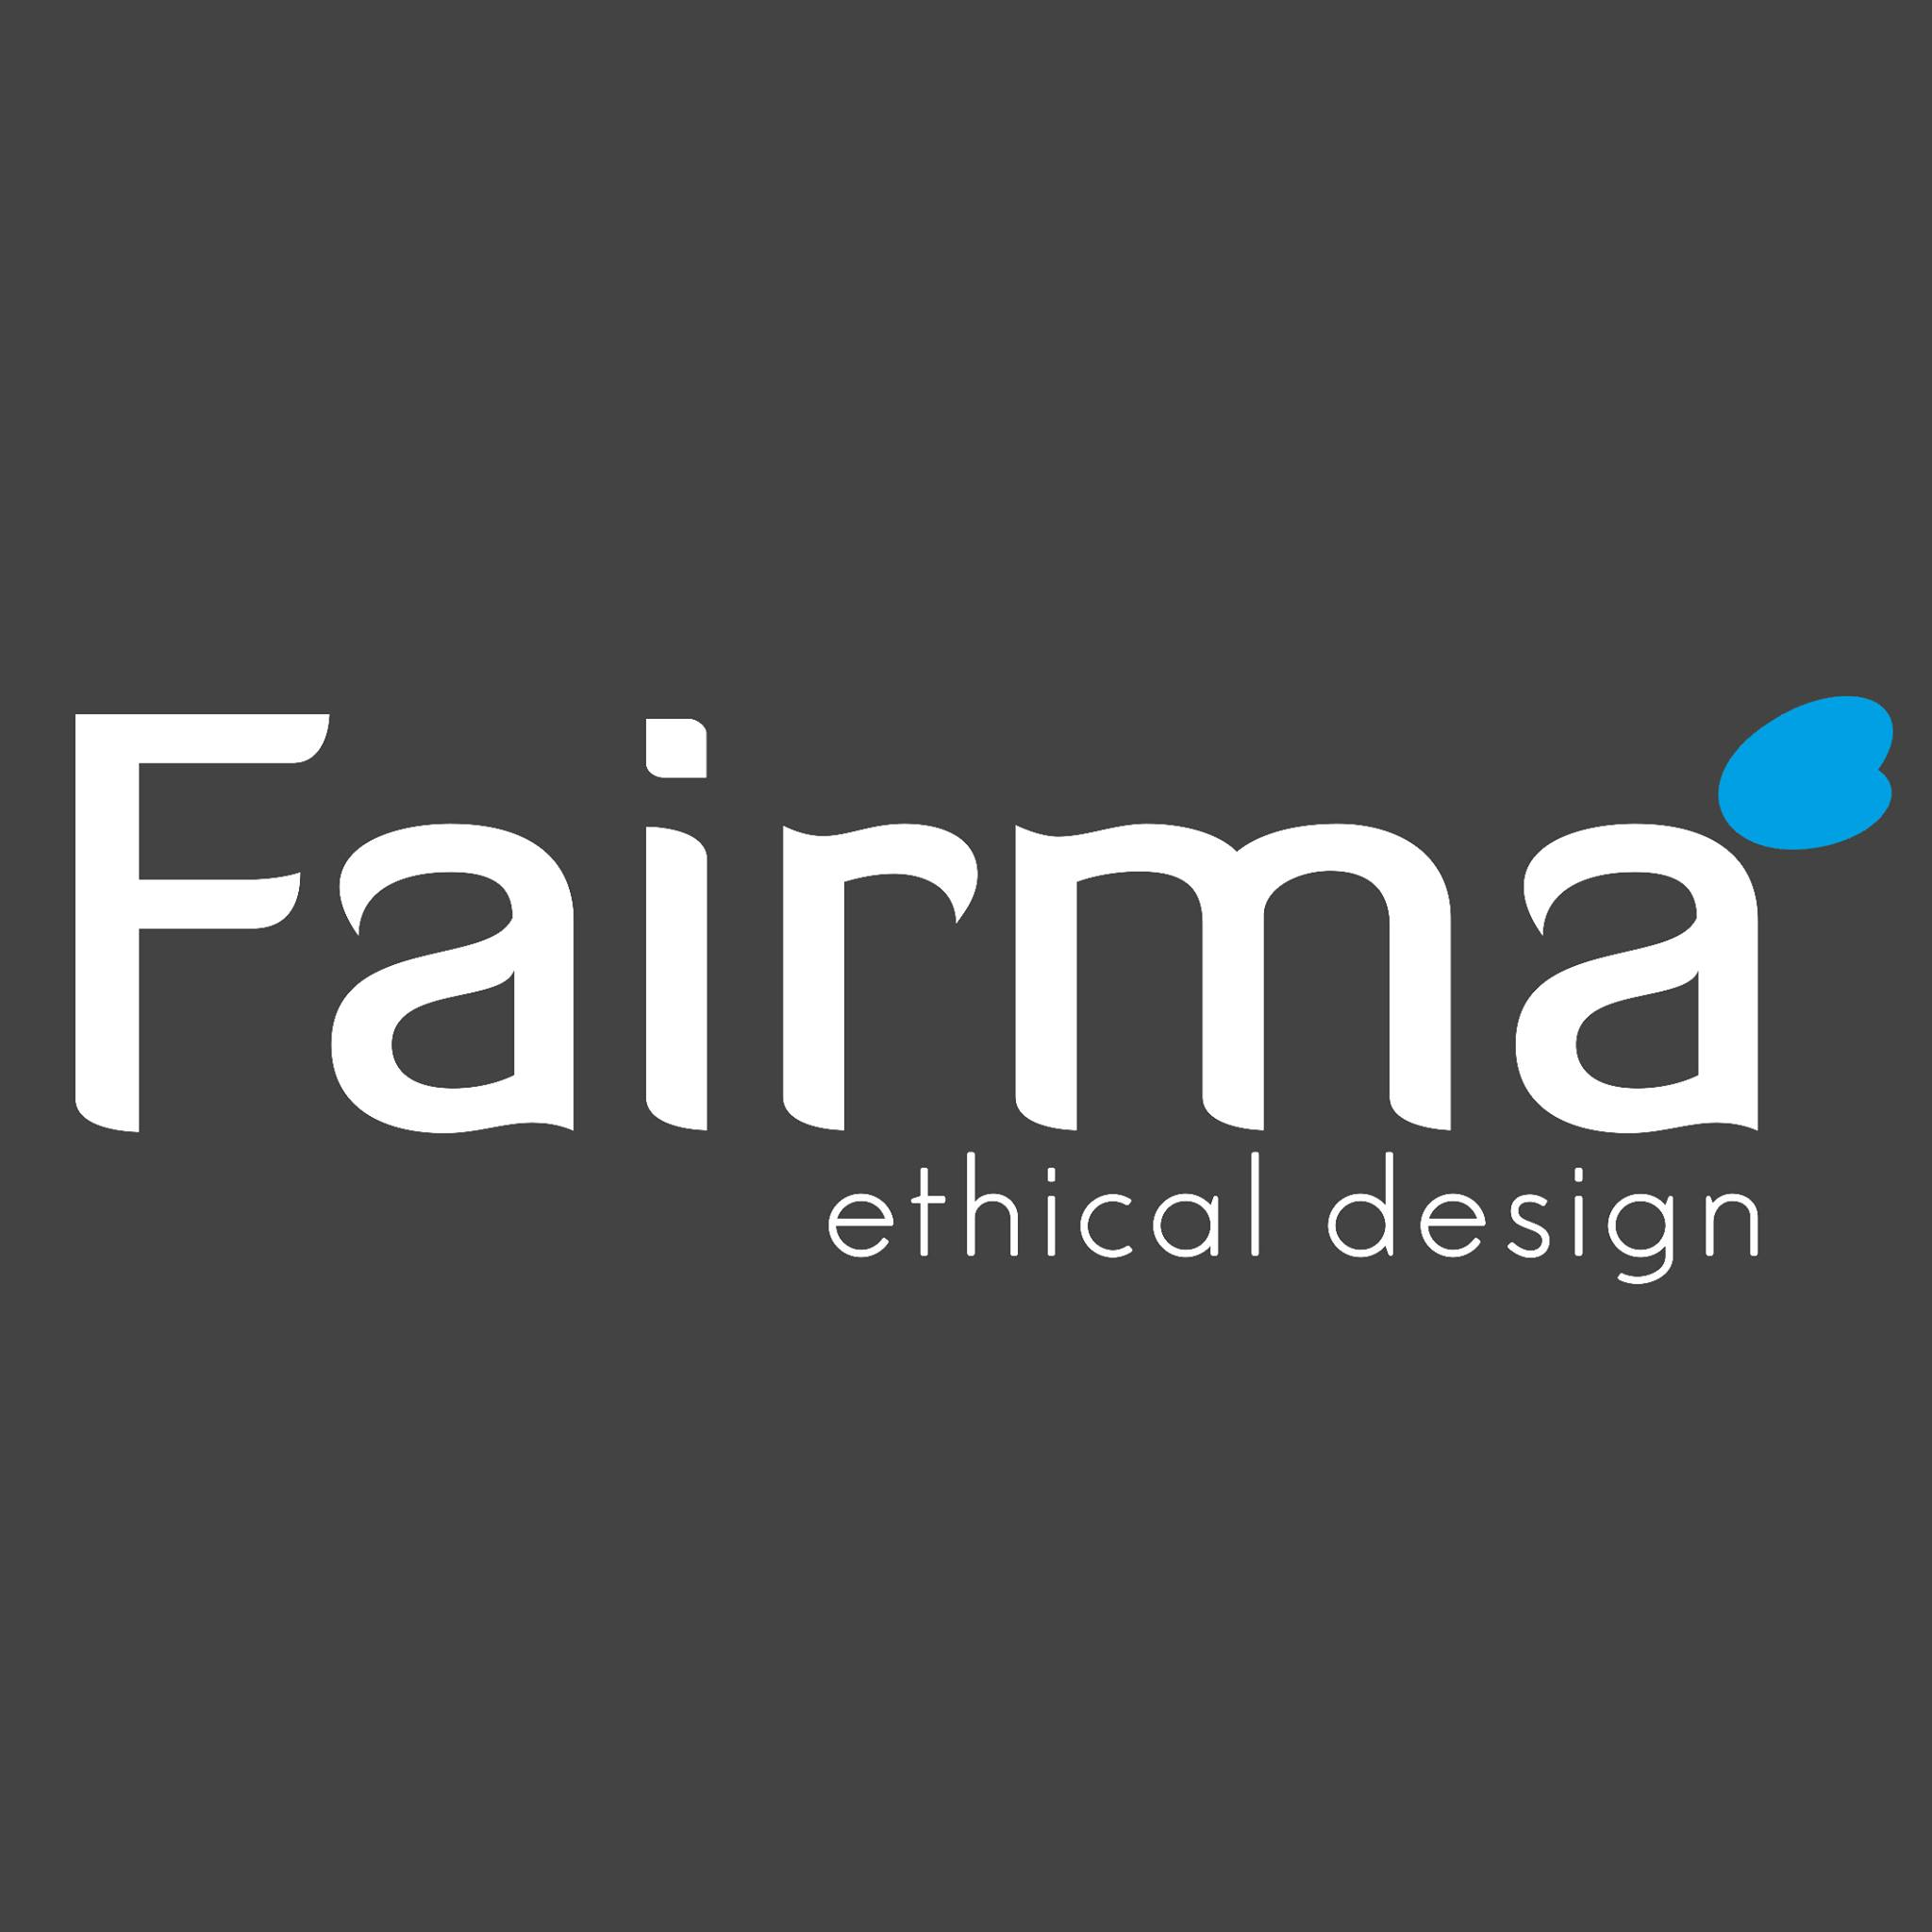 Fairma ethical design logo